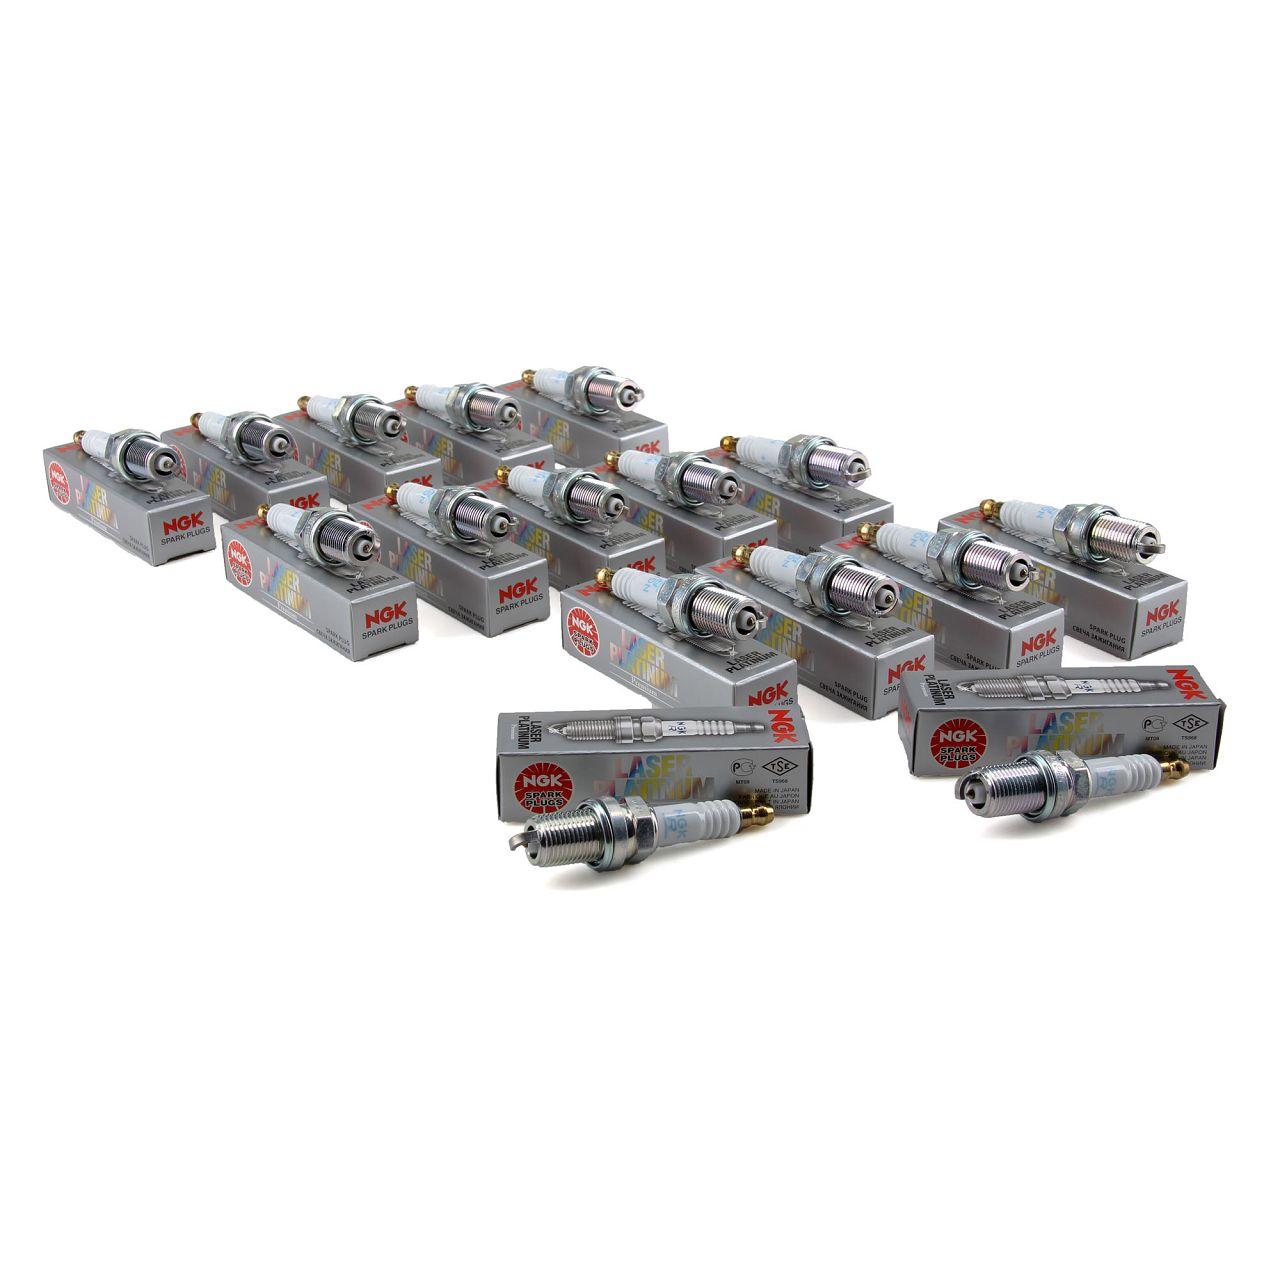 19x NGK 4292 Zündkerzen PFR5R-11 für MERCEDES W202 W203 W210 W211 W163 W220